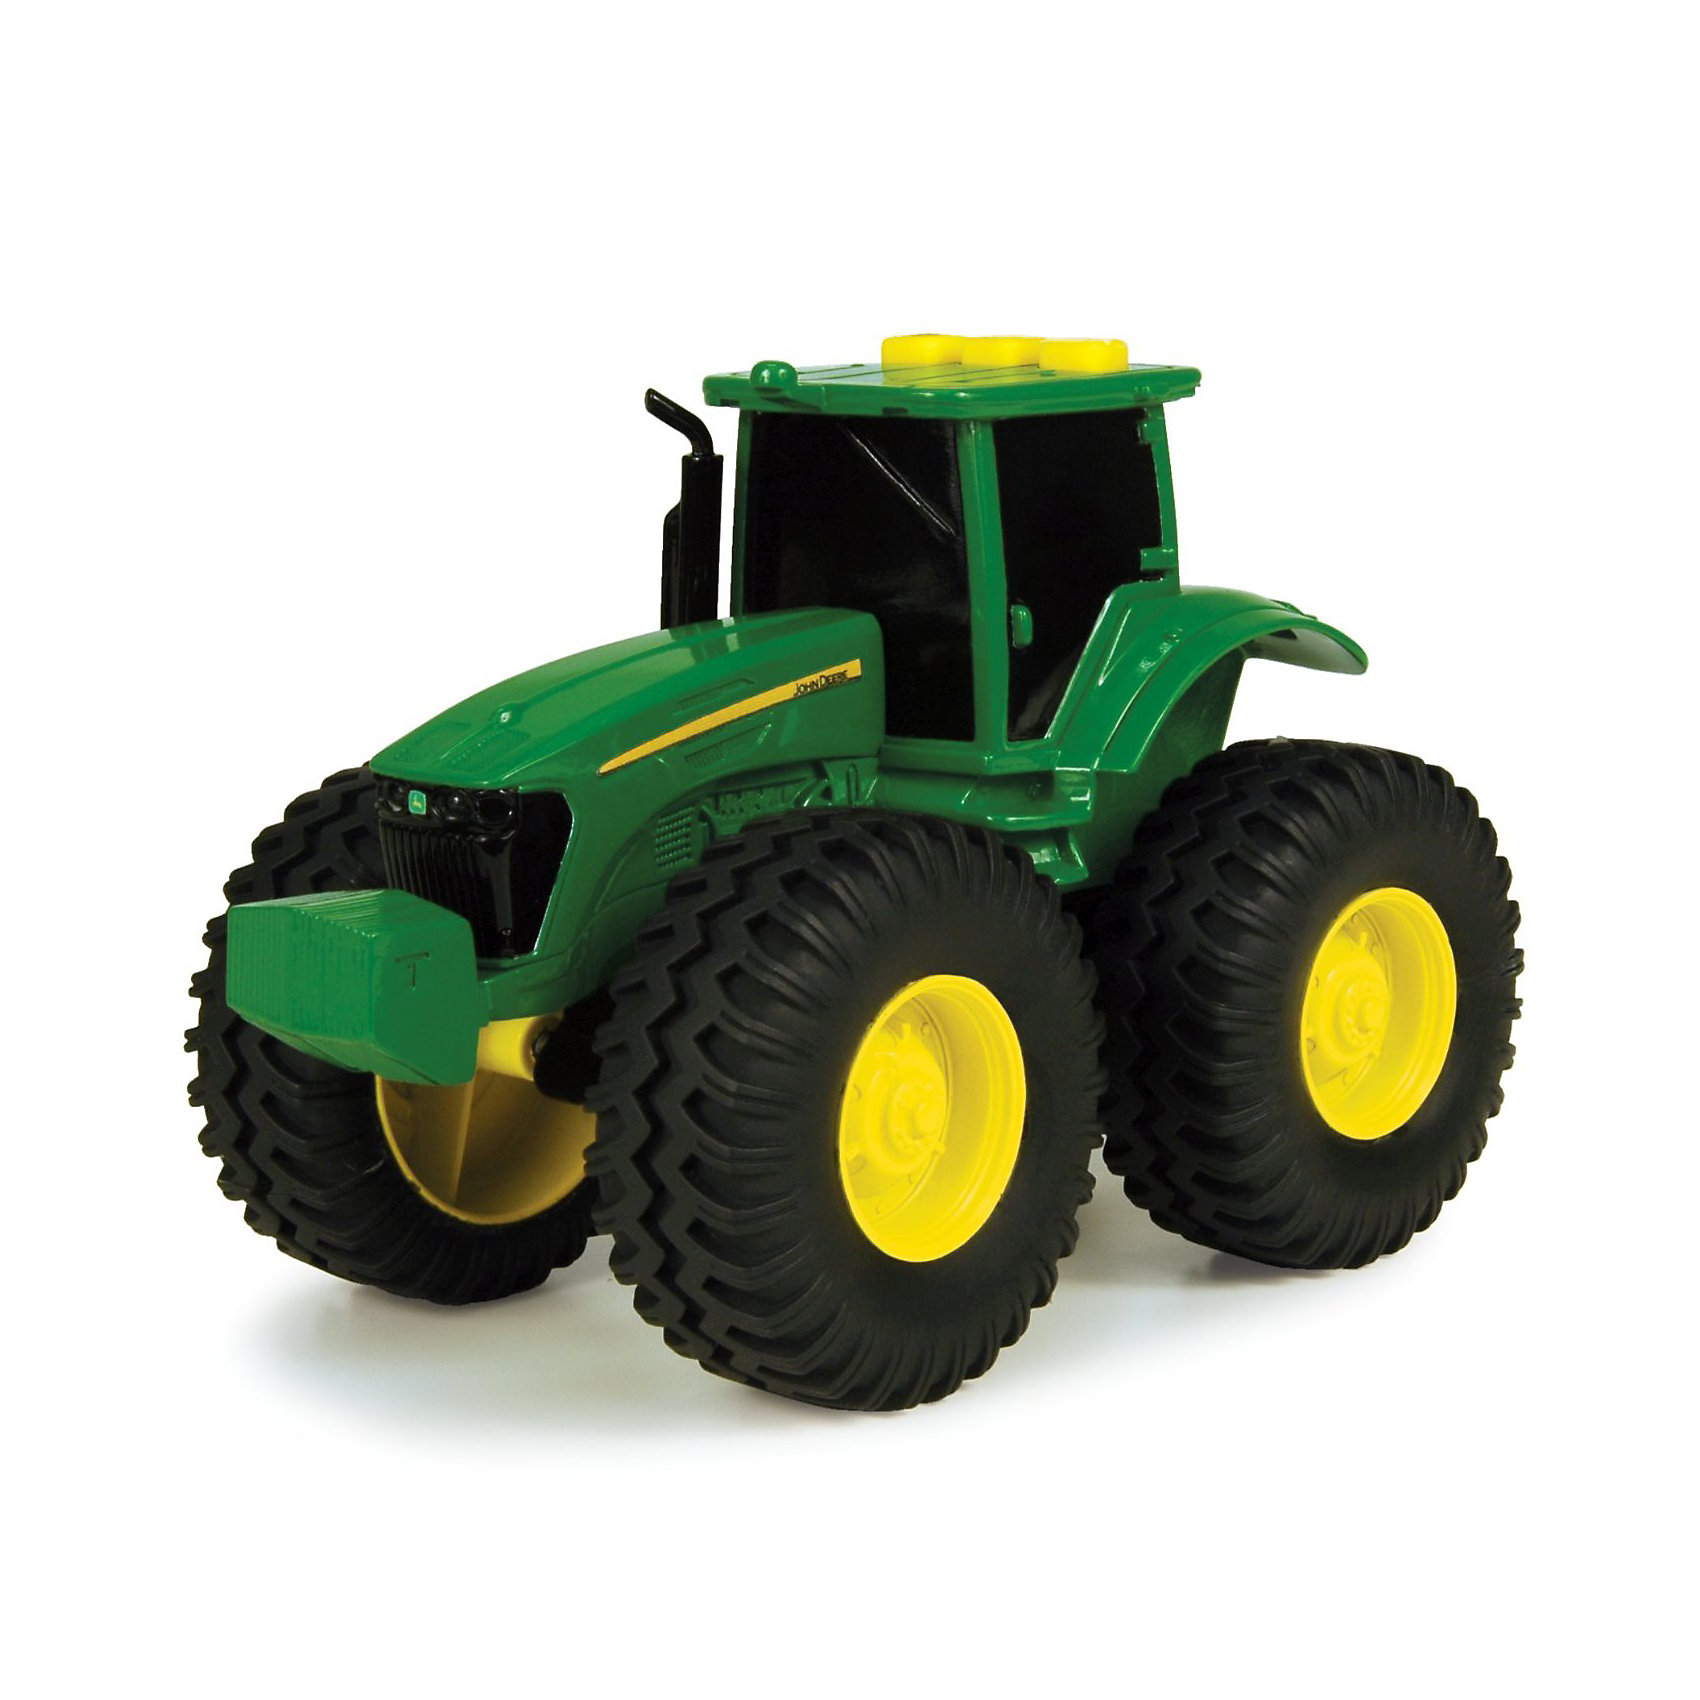 TOMY Трактор с большими колесами, TOMY машинки tomy трактор john deere 6830 с двойными колесами и фронтальным погрузчиком